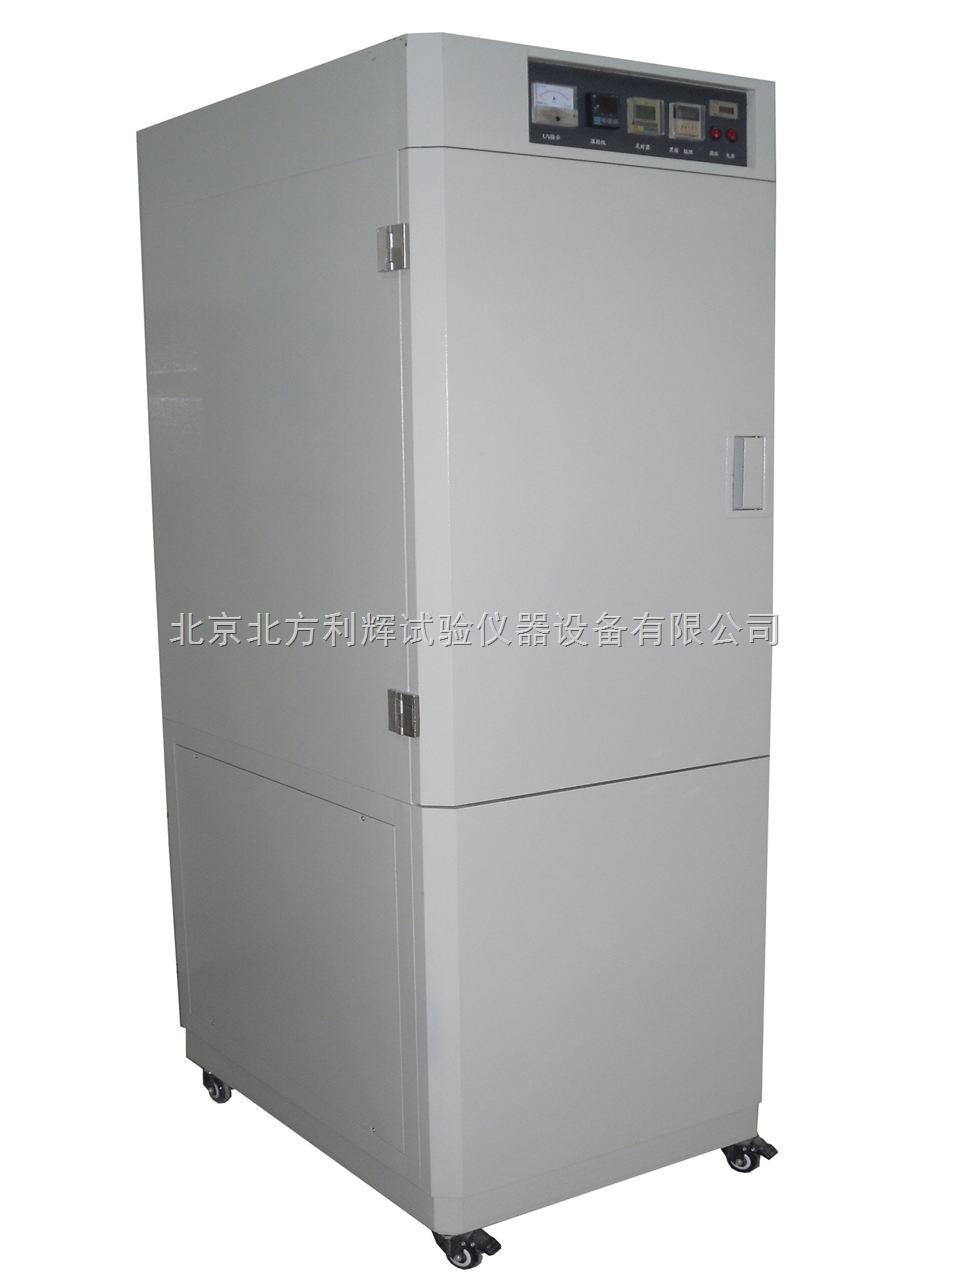 ZN-C 500W高压直管汞灯紫外老化箱